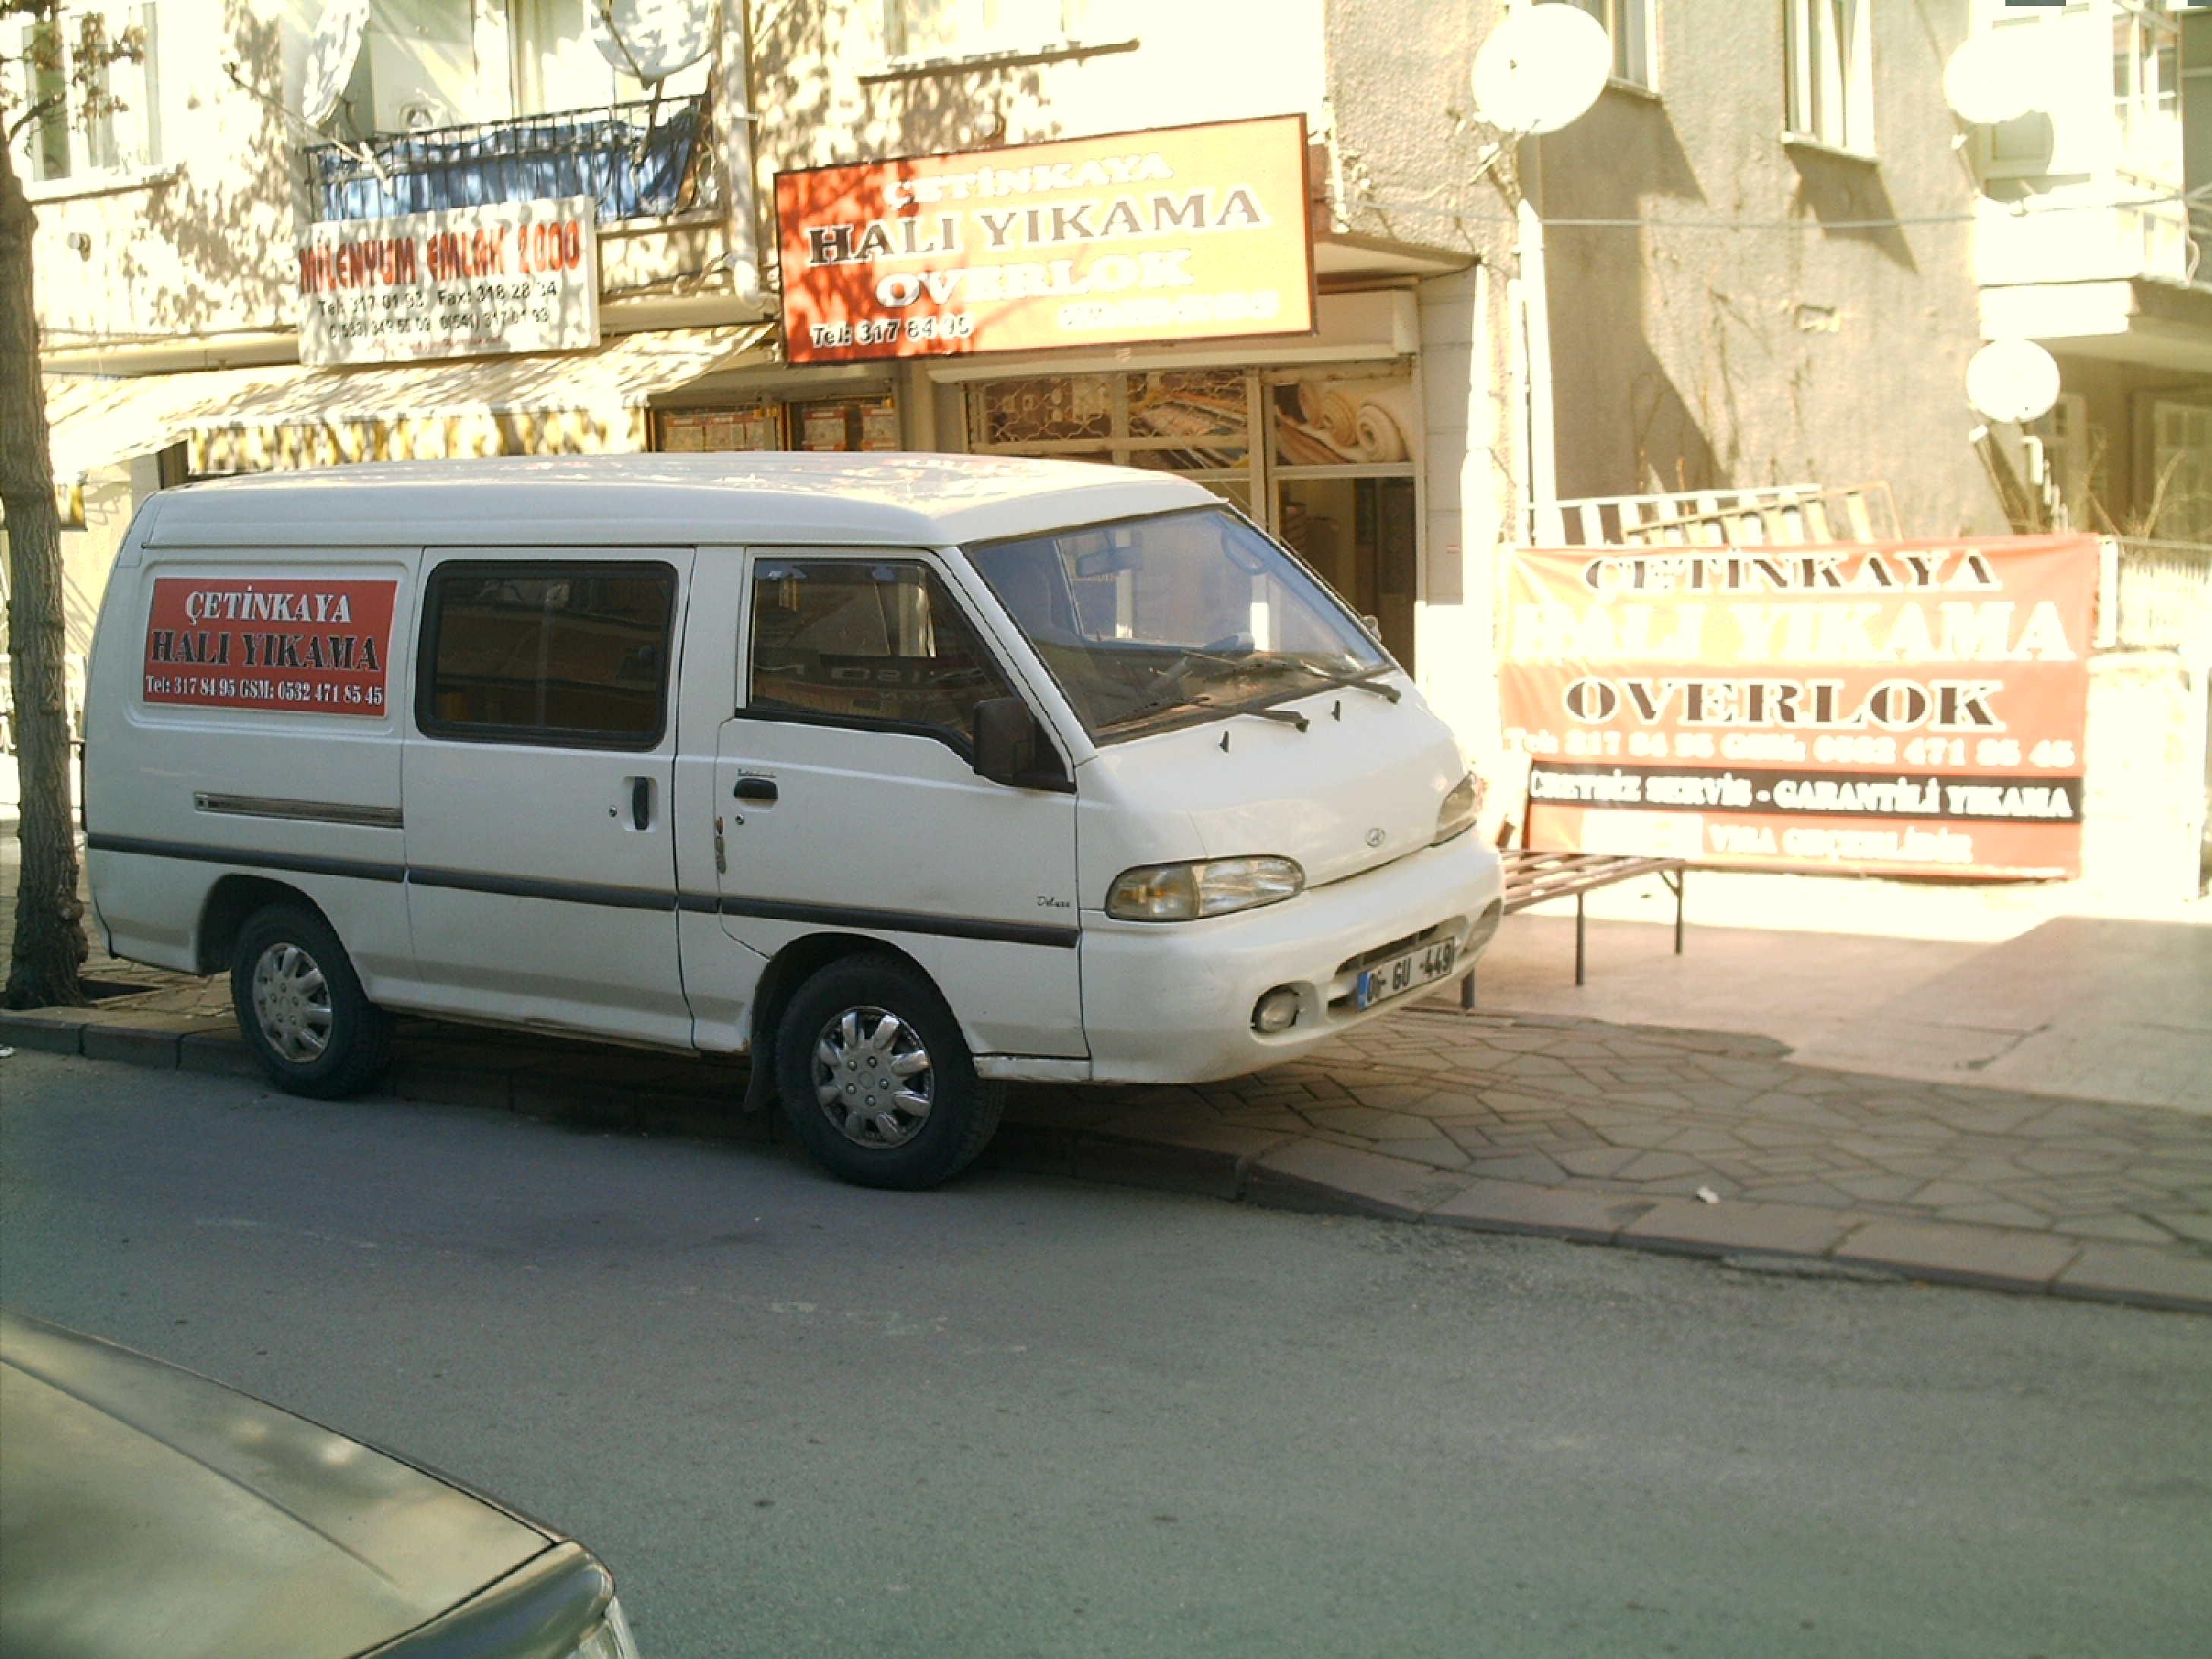 varlık_hali_yikama_servis